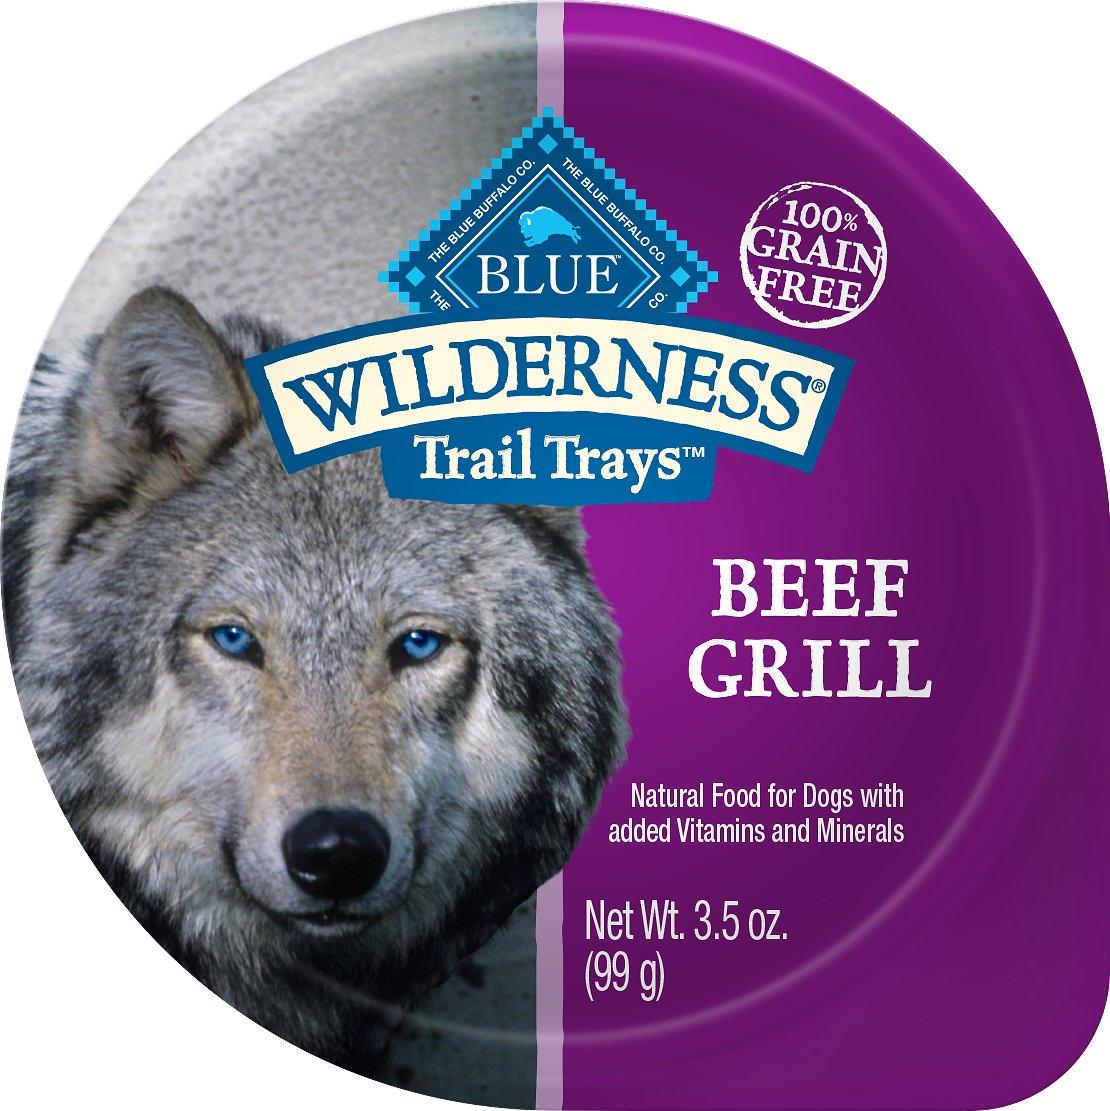 Blue Buffalo Wilderness Trail Trays Beef Grill Formula Grain-Free Dog Food Trays, 3.5-oz